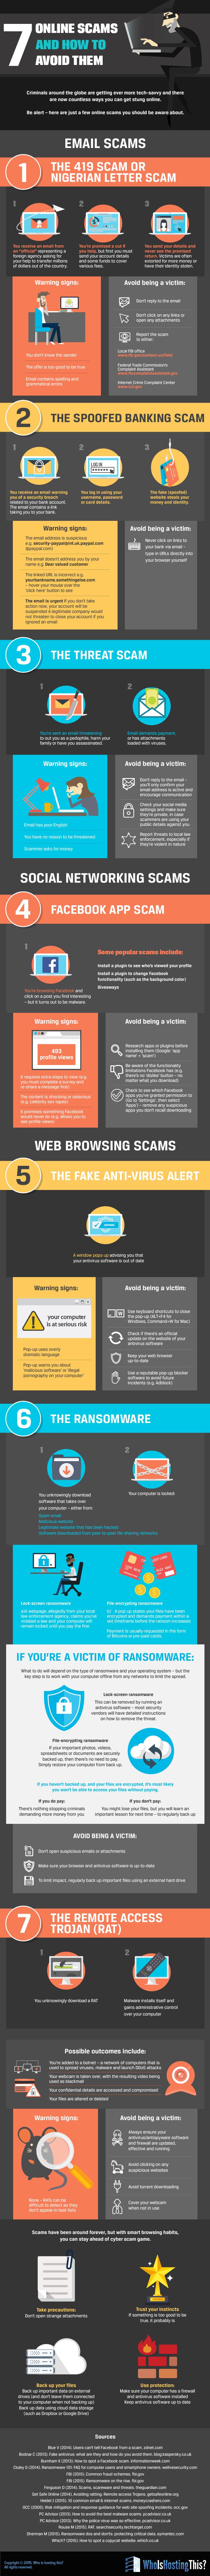 Las 7 estafas más populares en internet y cómo evitarlas